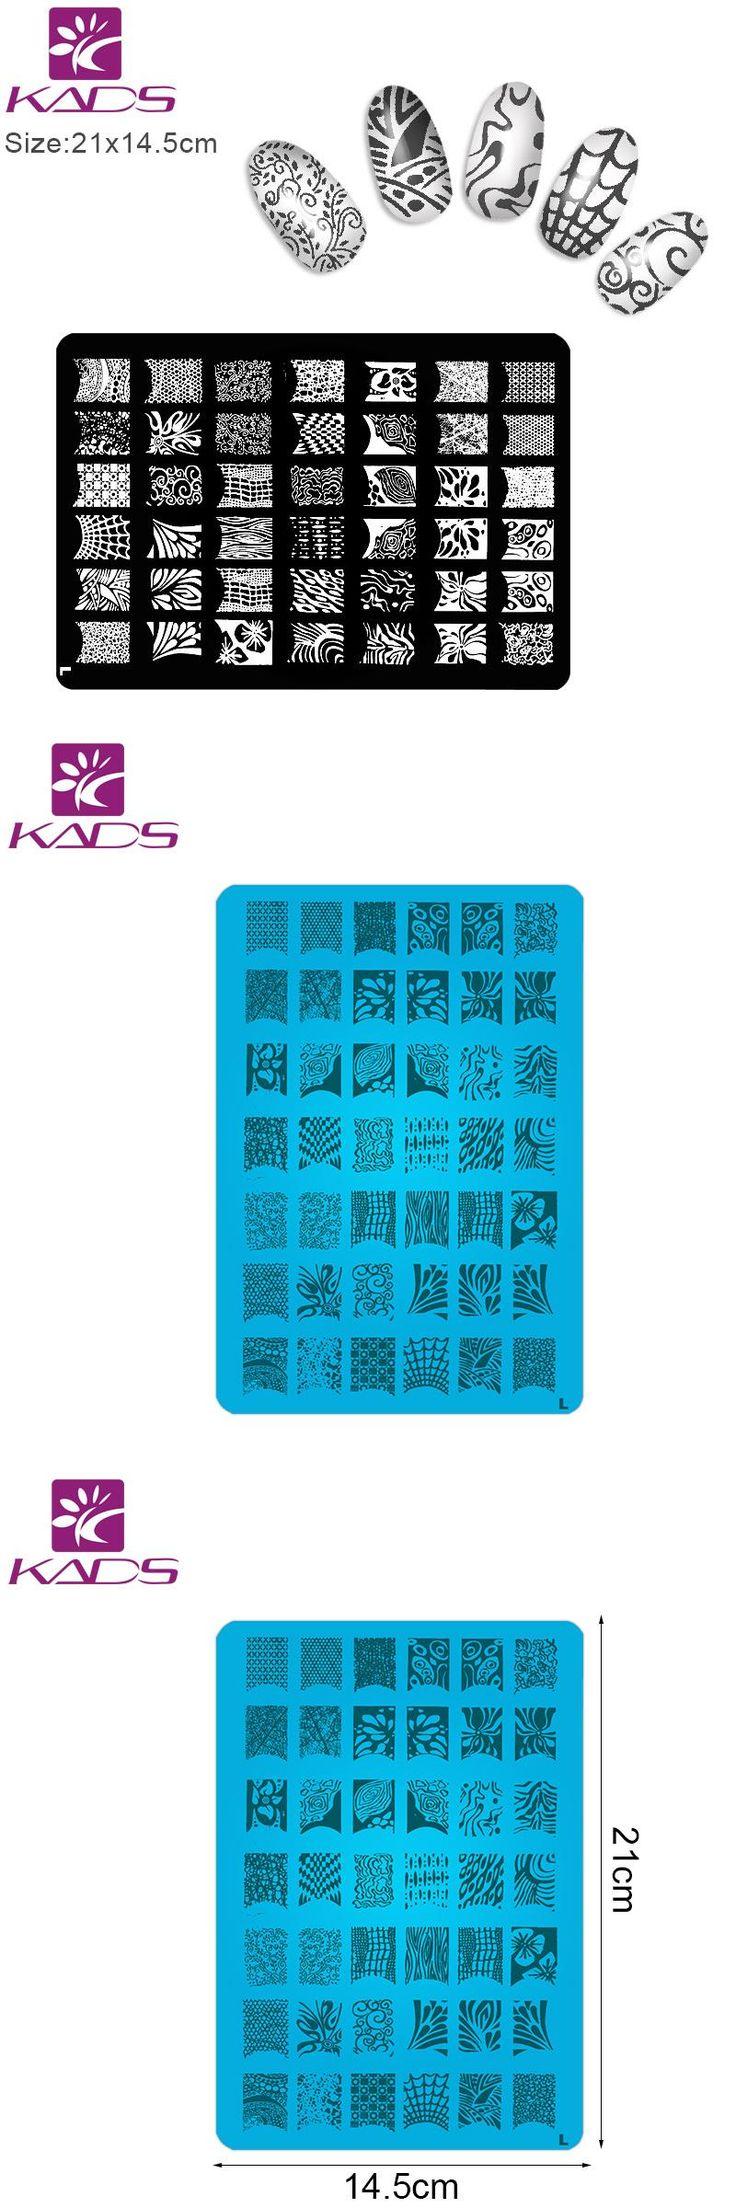 [Visit to Buy] KADS 1Pcs Nail Stencil Black Lace DIY Nail Stamping Plates Konad Stamping Nail Art Nail Art Stamper Plates For Stamping #Advertisement